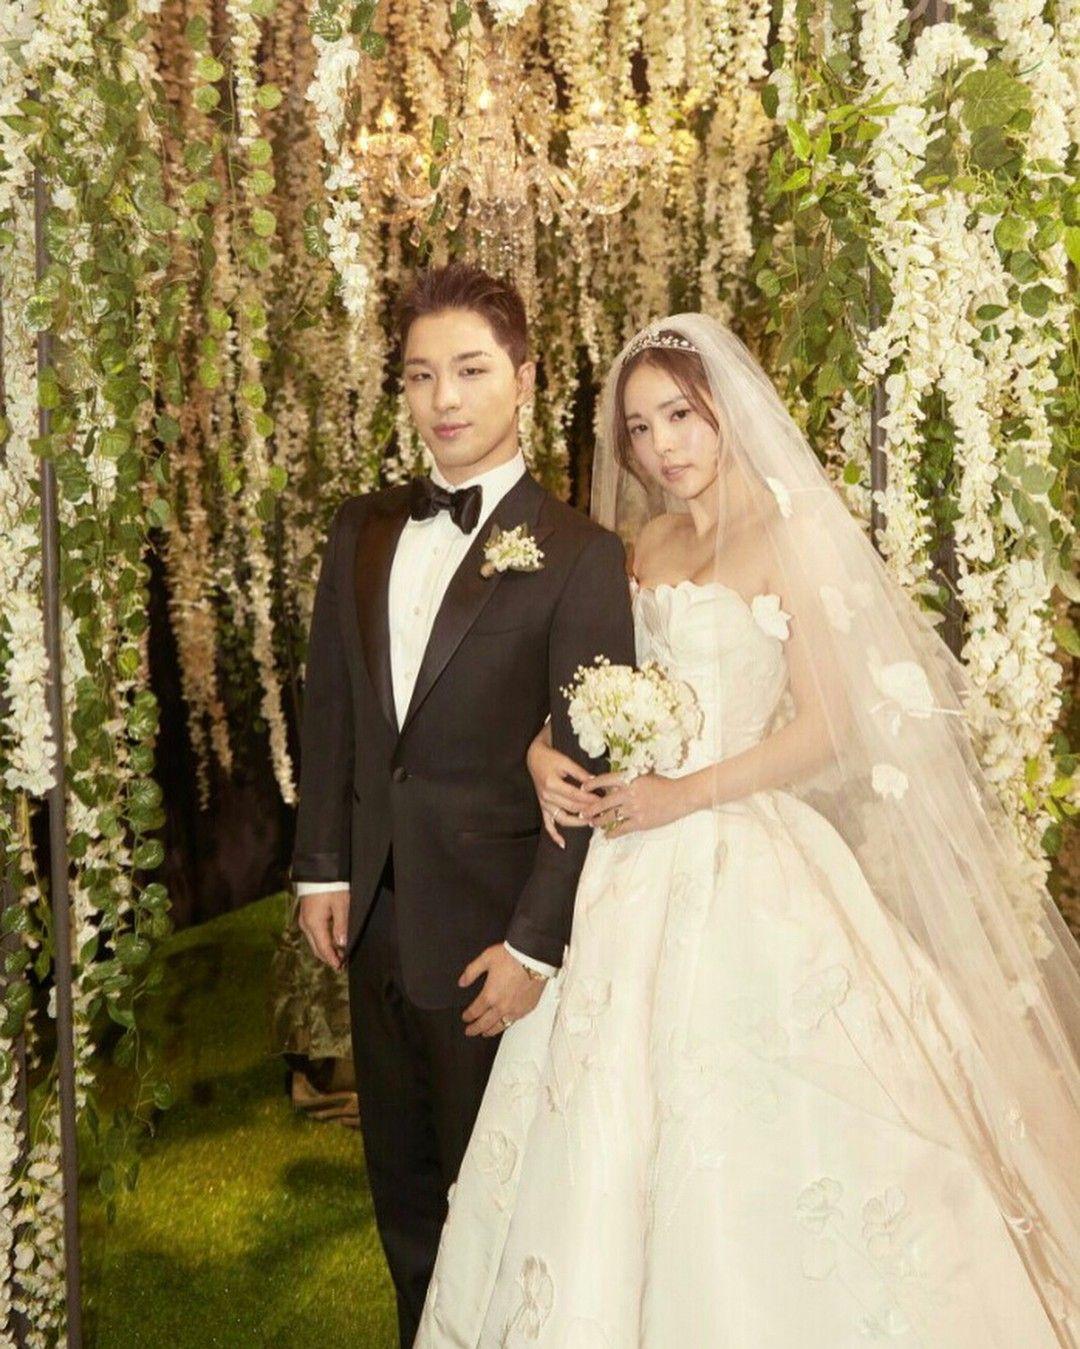 030218 ♥️ DopeWeddingCongratz Váy cưới, Ý tưởng đám cưới